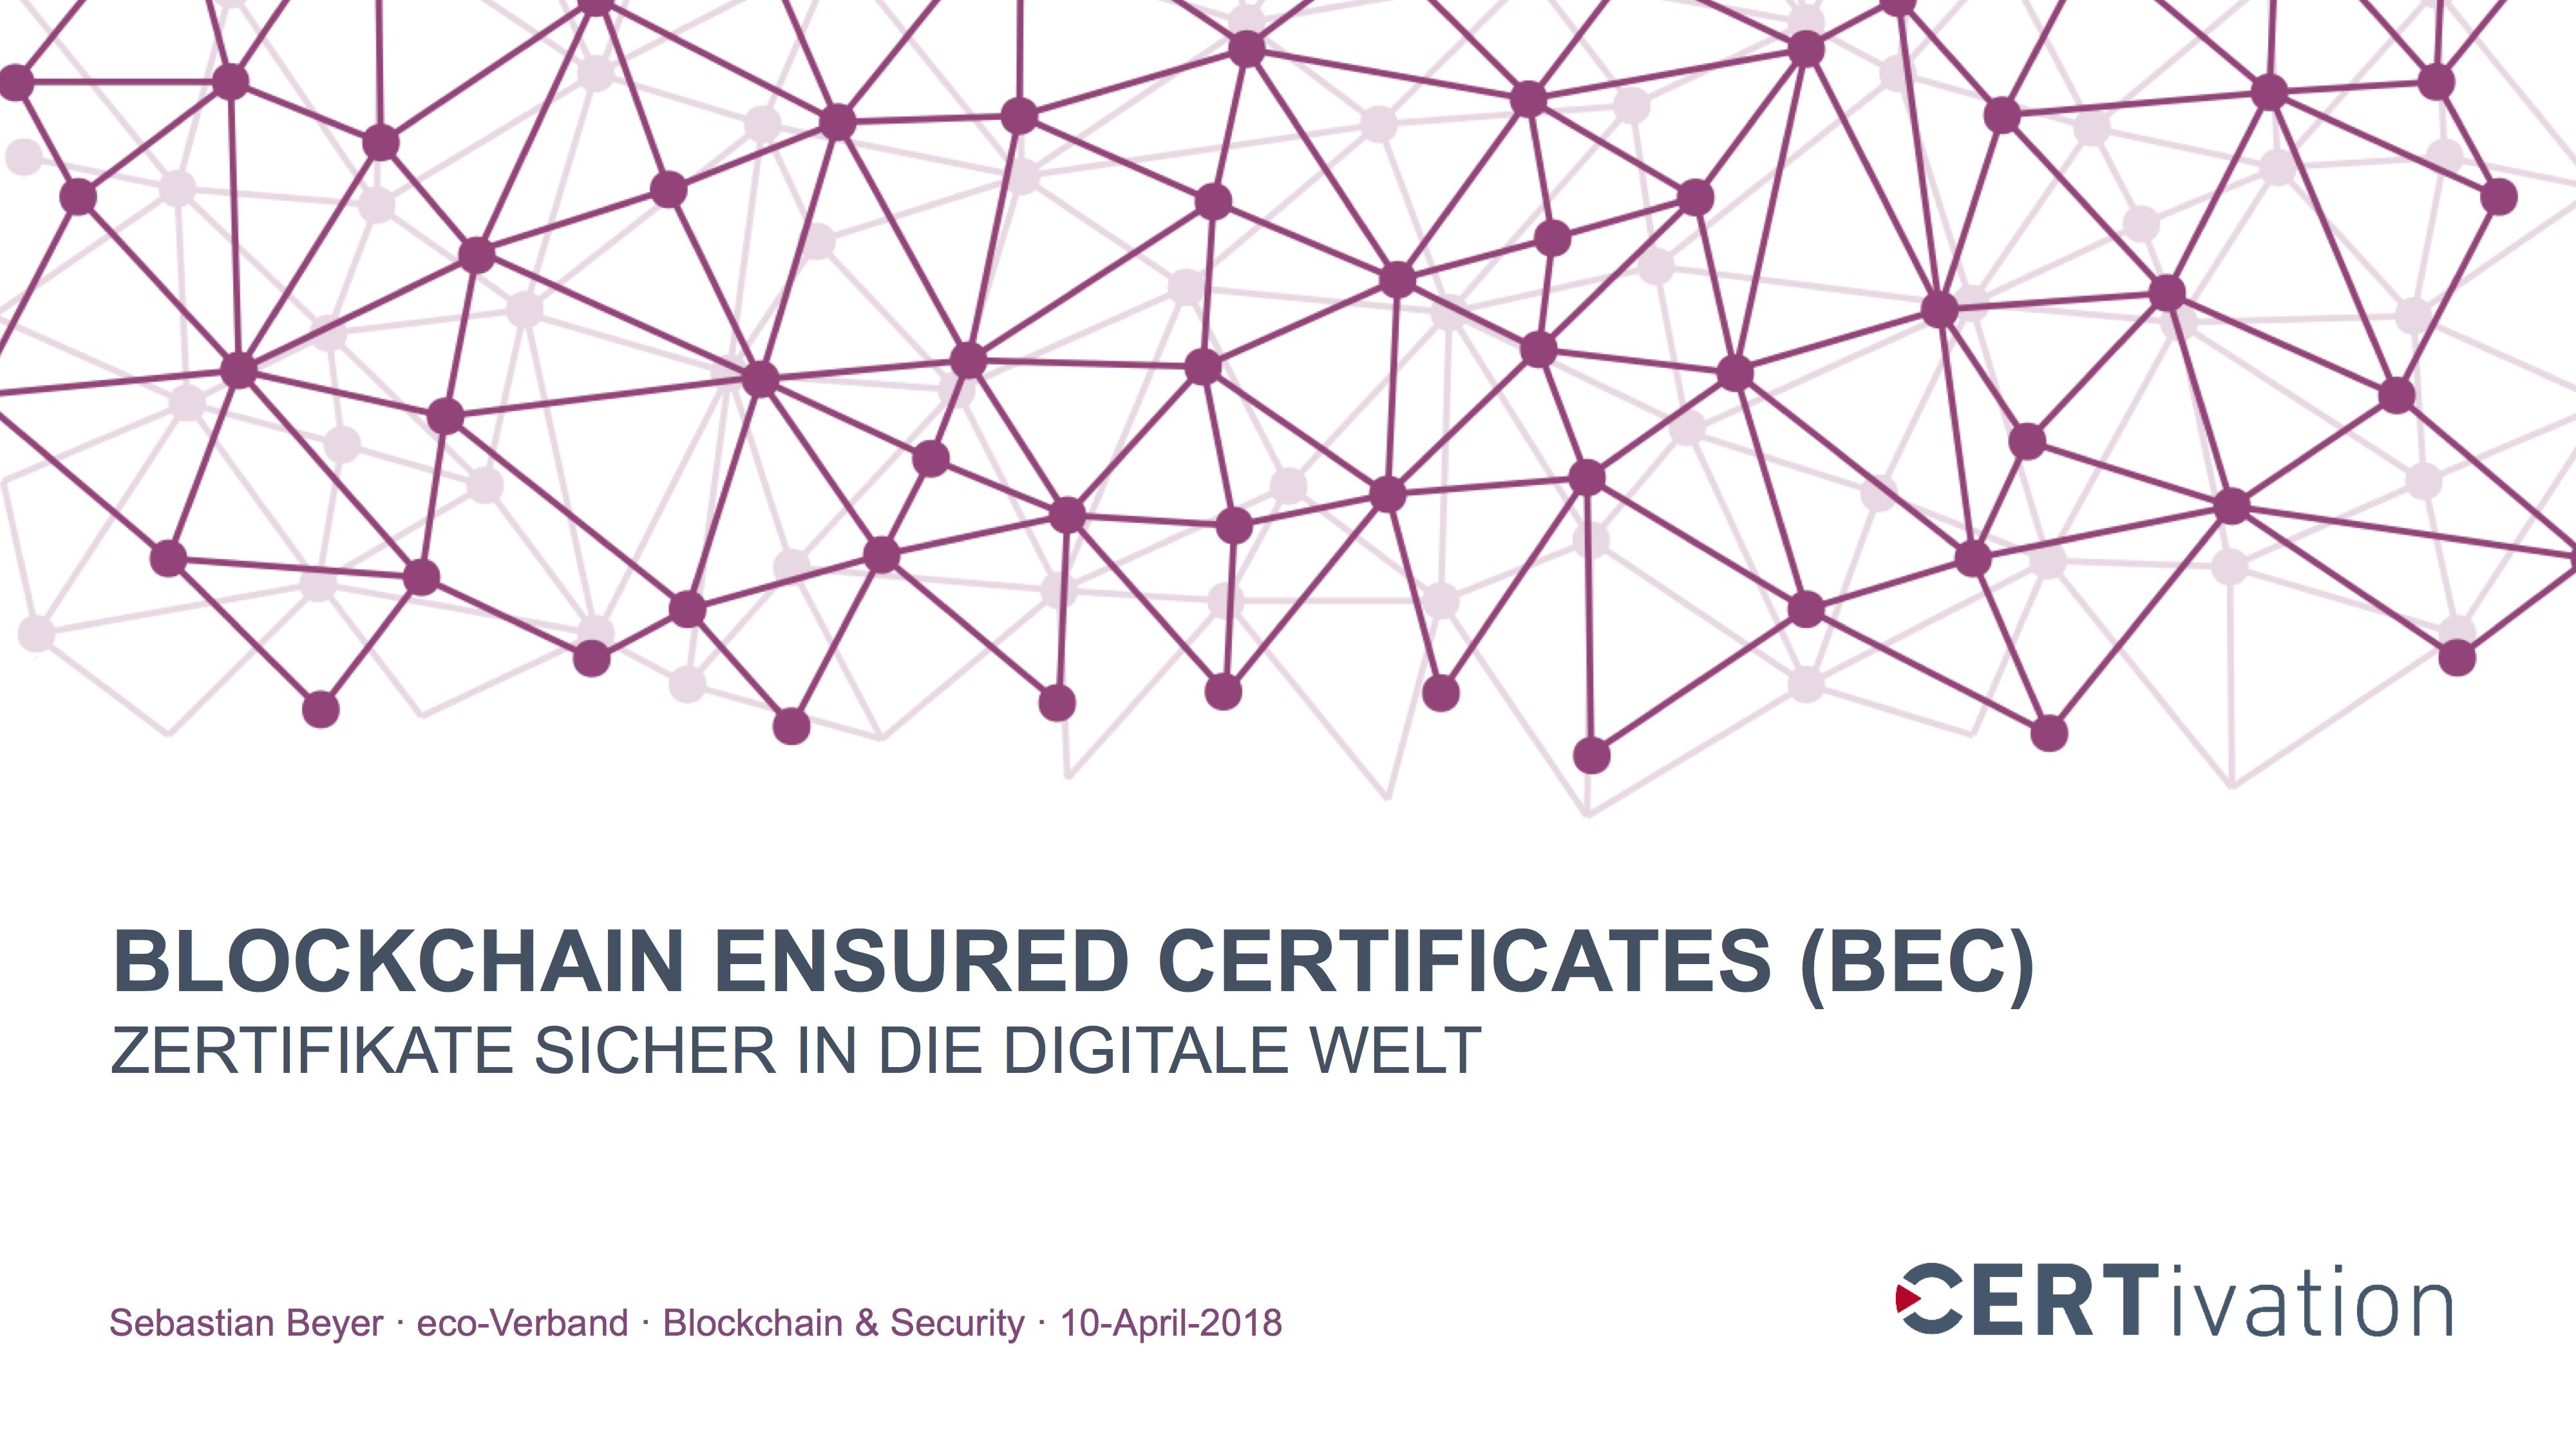 Präsentation: Blockchain Ensured Certificates – Zertifikate sicher in die digitale Welt